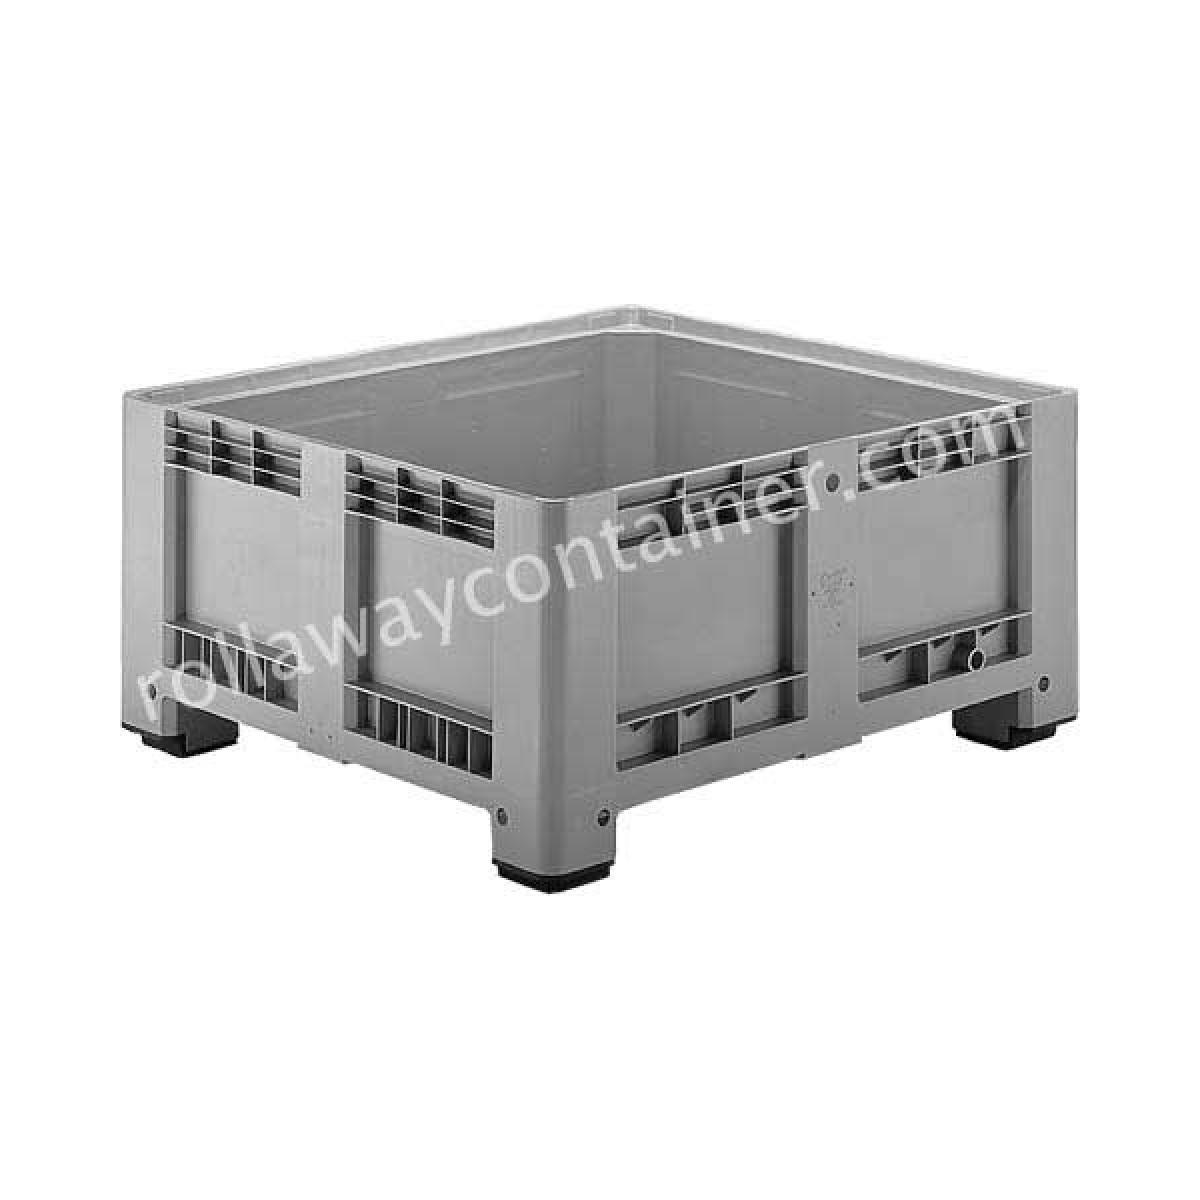 gro beh lter paloxen kunststoff 1200 x 1000 h580 430 liter. Black Bedroom Furniture Sets. Home Design Ideas